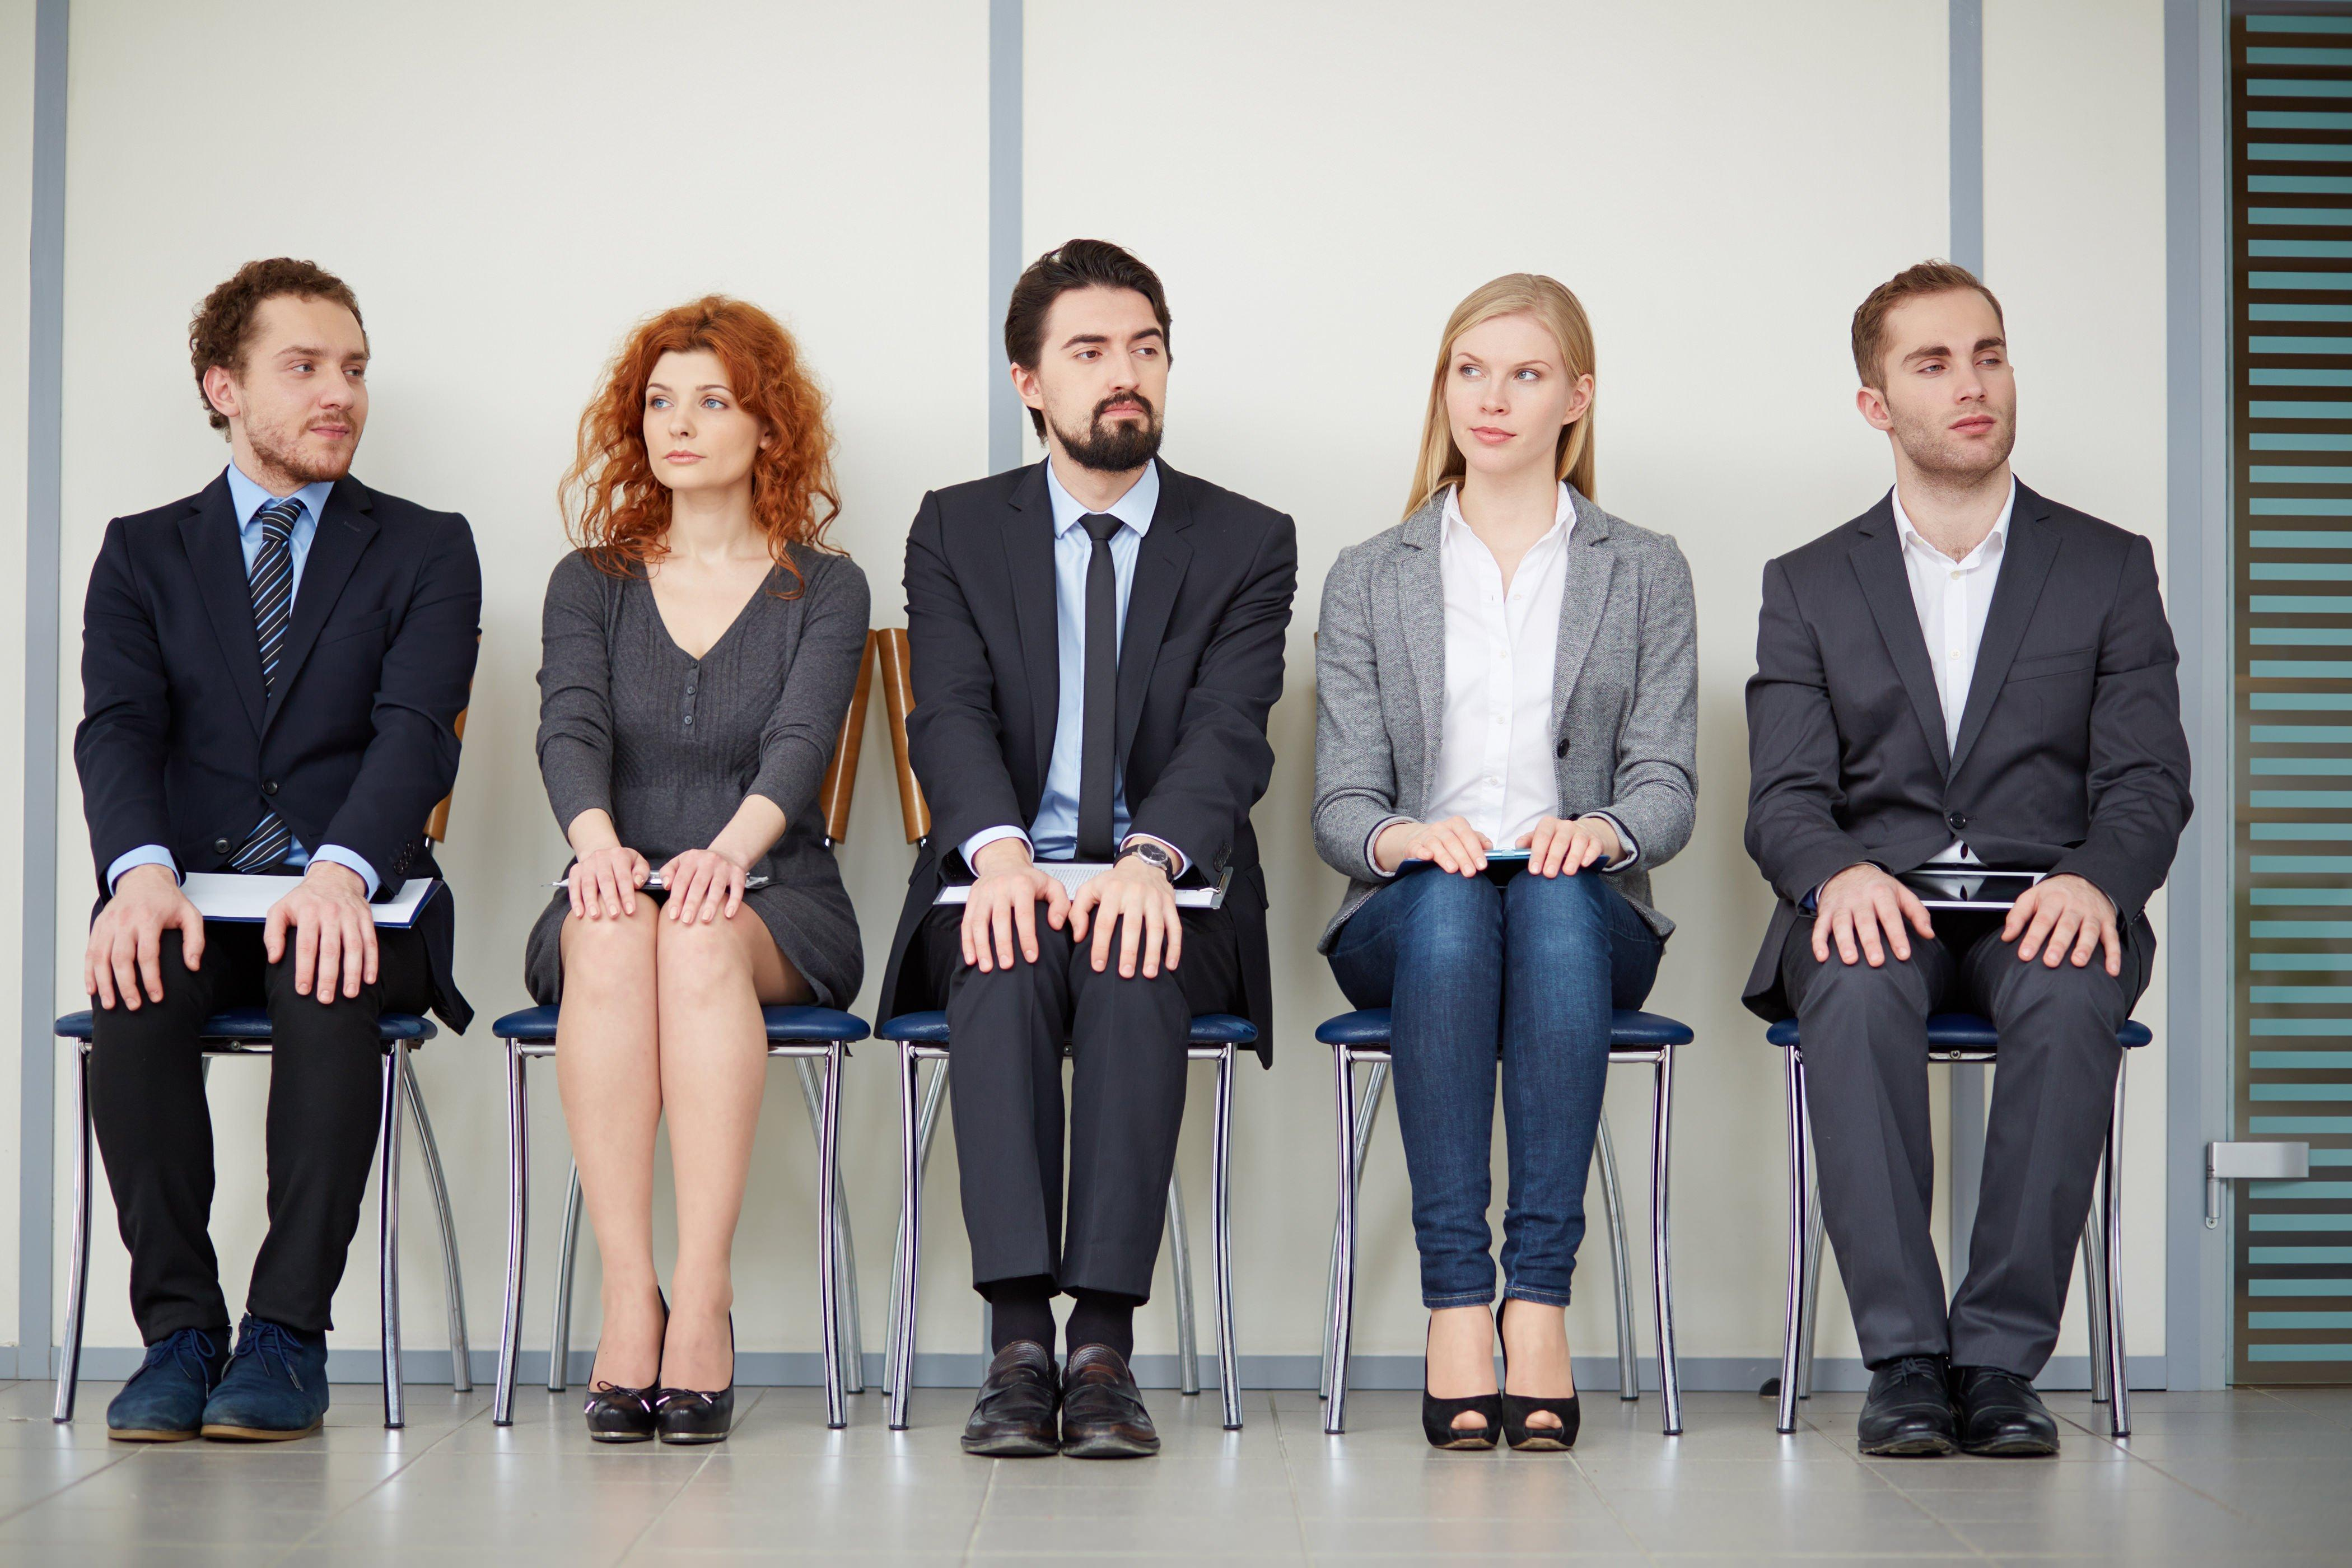 Gli errori da evitare durante la ricerca di un lavoro